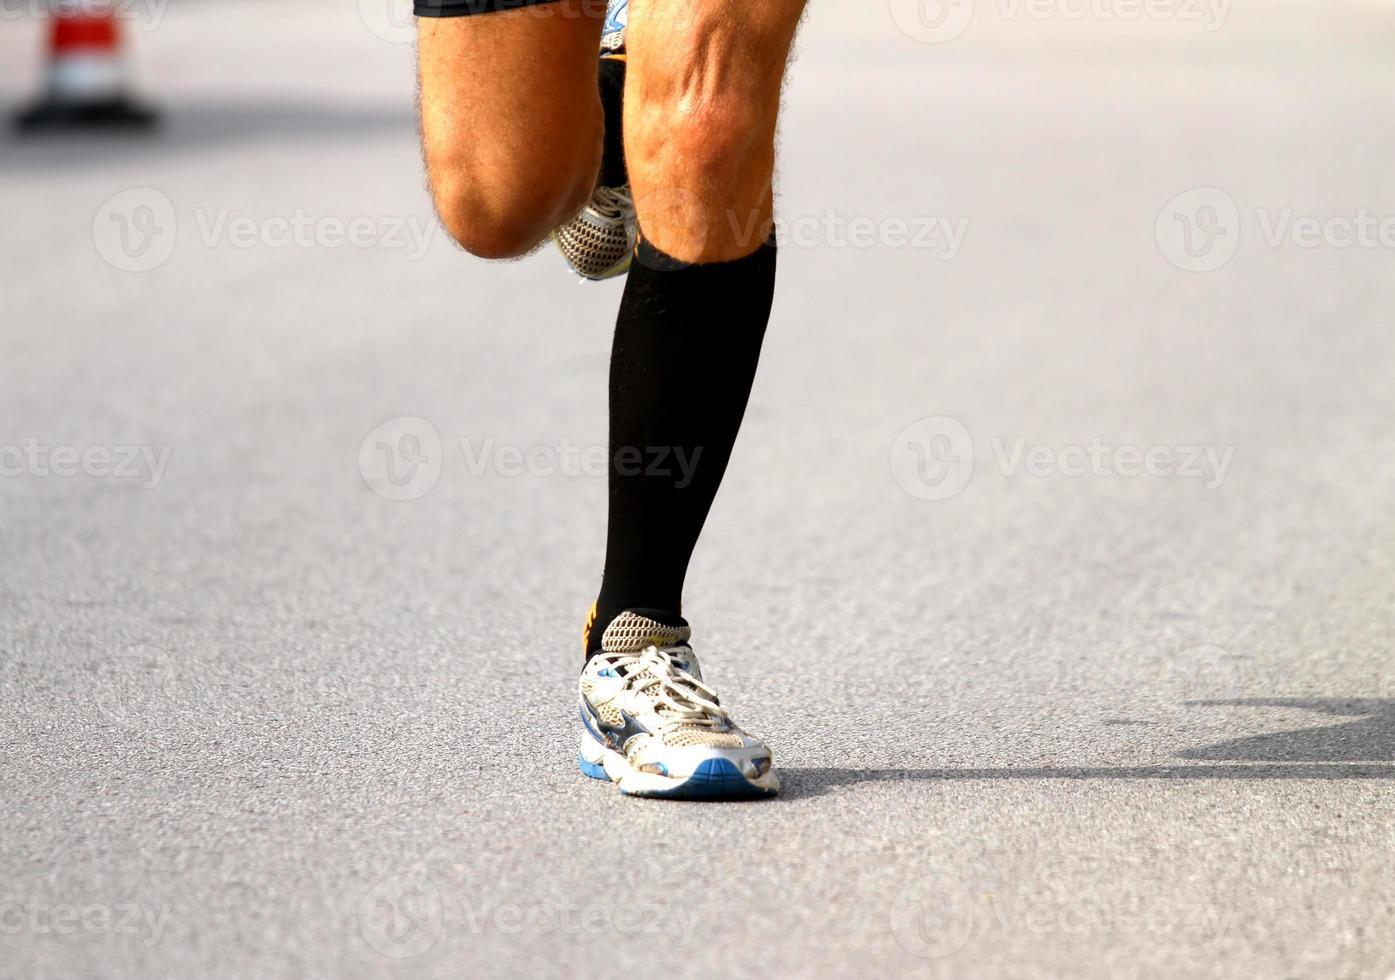 coureur rapide avec des baskets pendant le marathon sur route photo